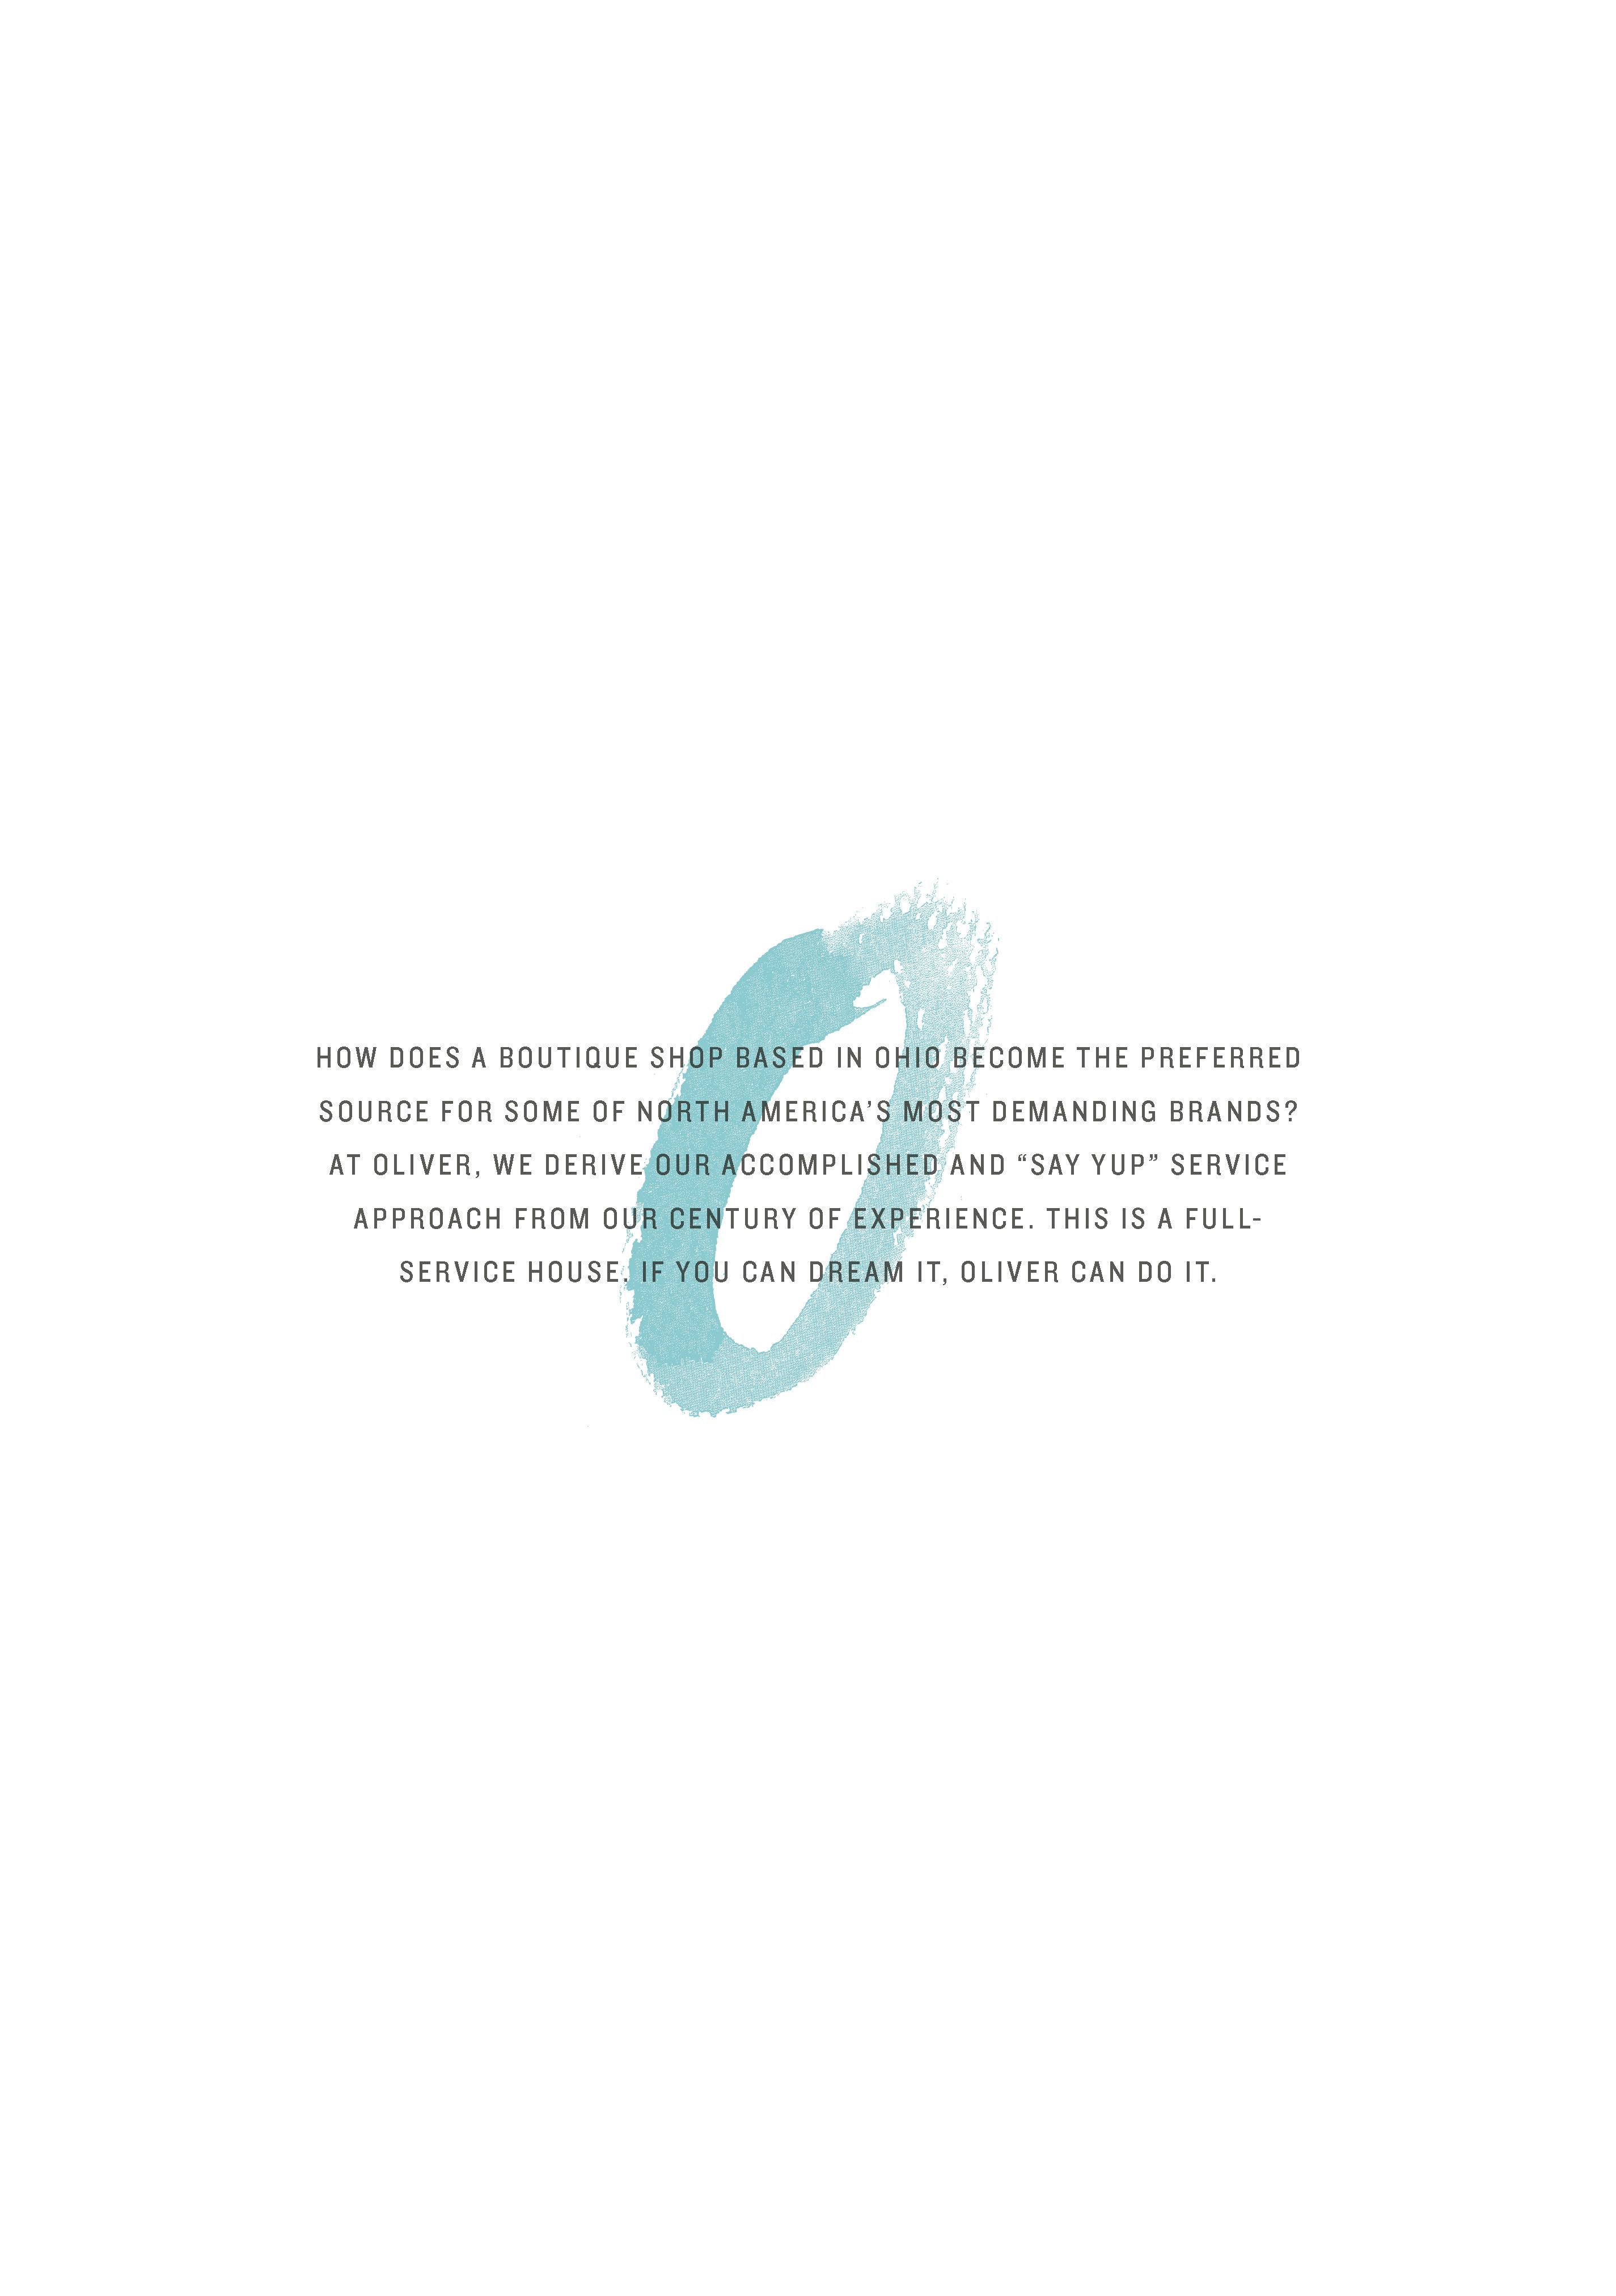 http://oliverprinting.com/wp-content/uploads/Oliver-2017-Lookbook_Page_13.jpg